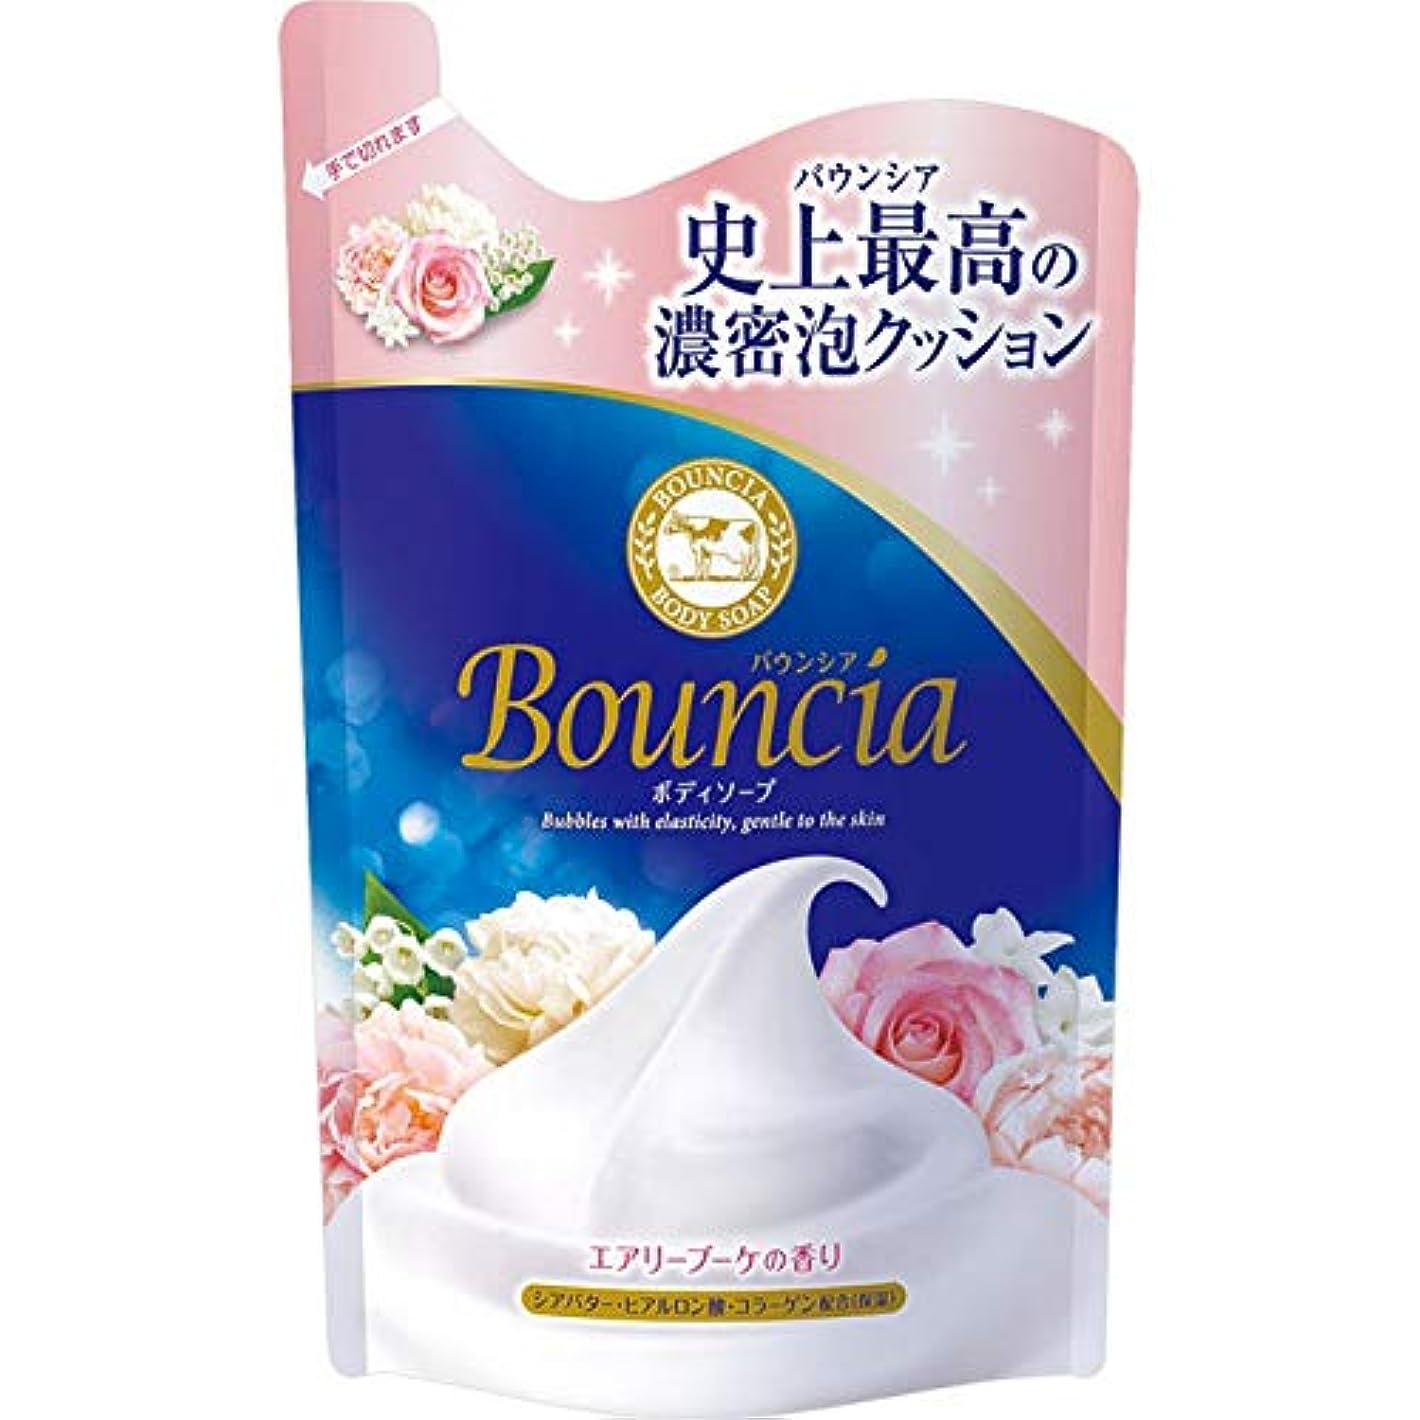 ワードローブコンセンサス分析的バウンシアボディソープ エアリーブーケの香り 詰替用?400mL × 7個セット